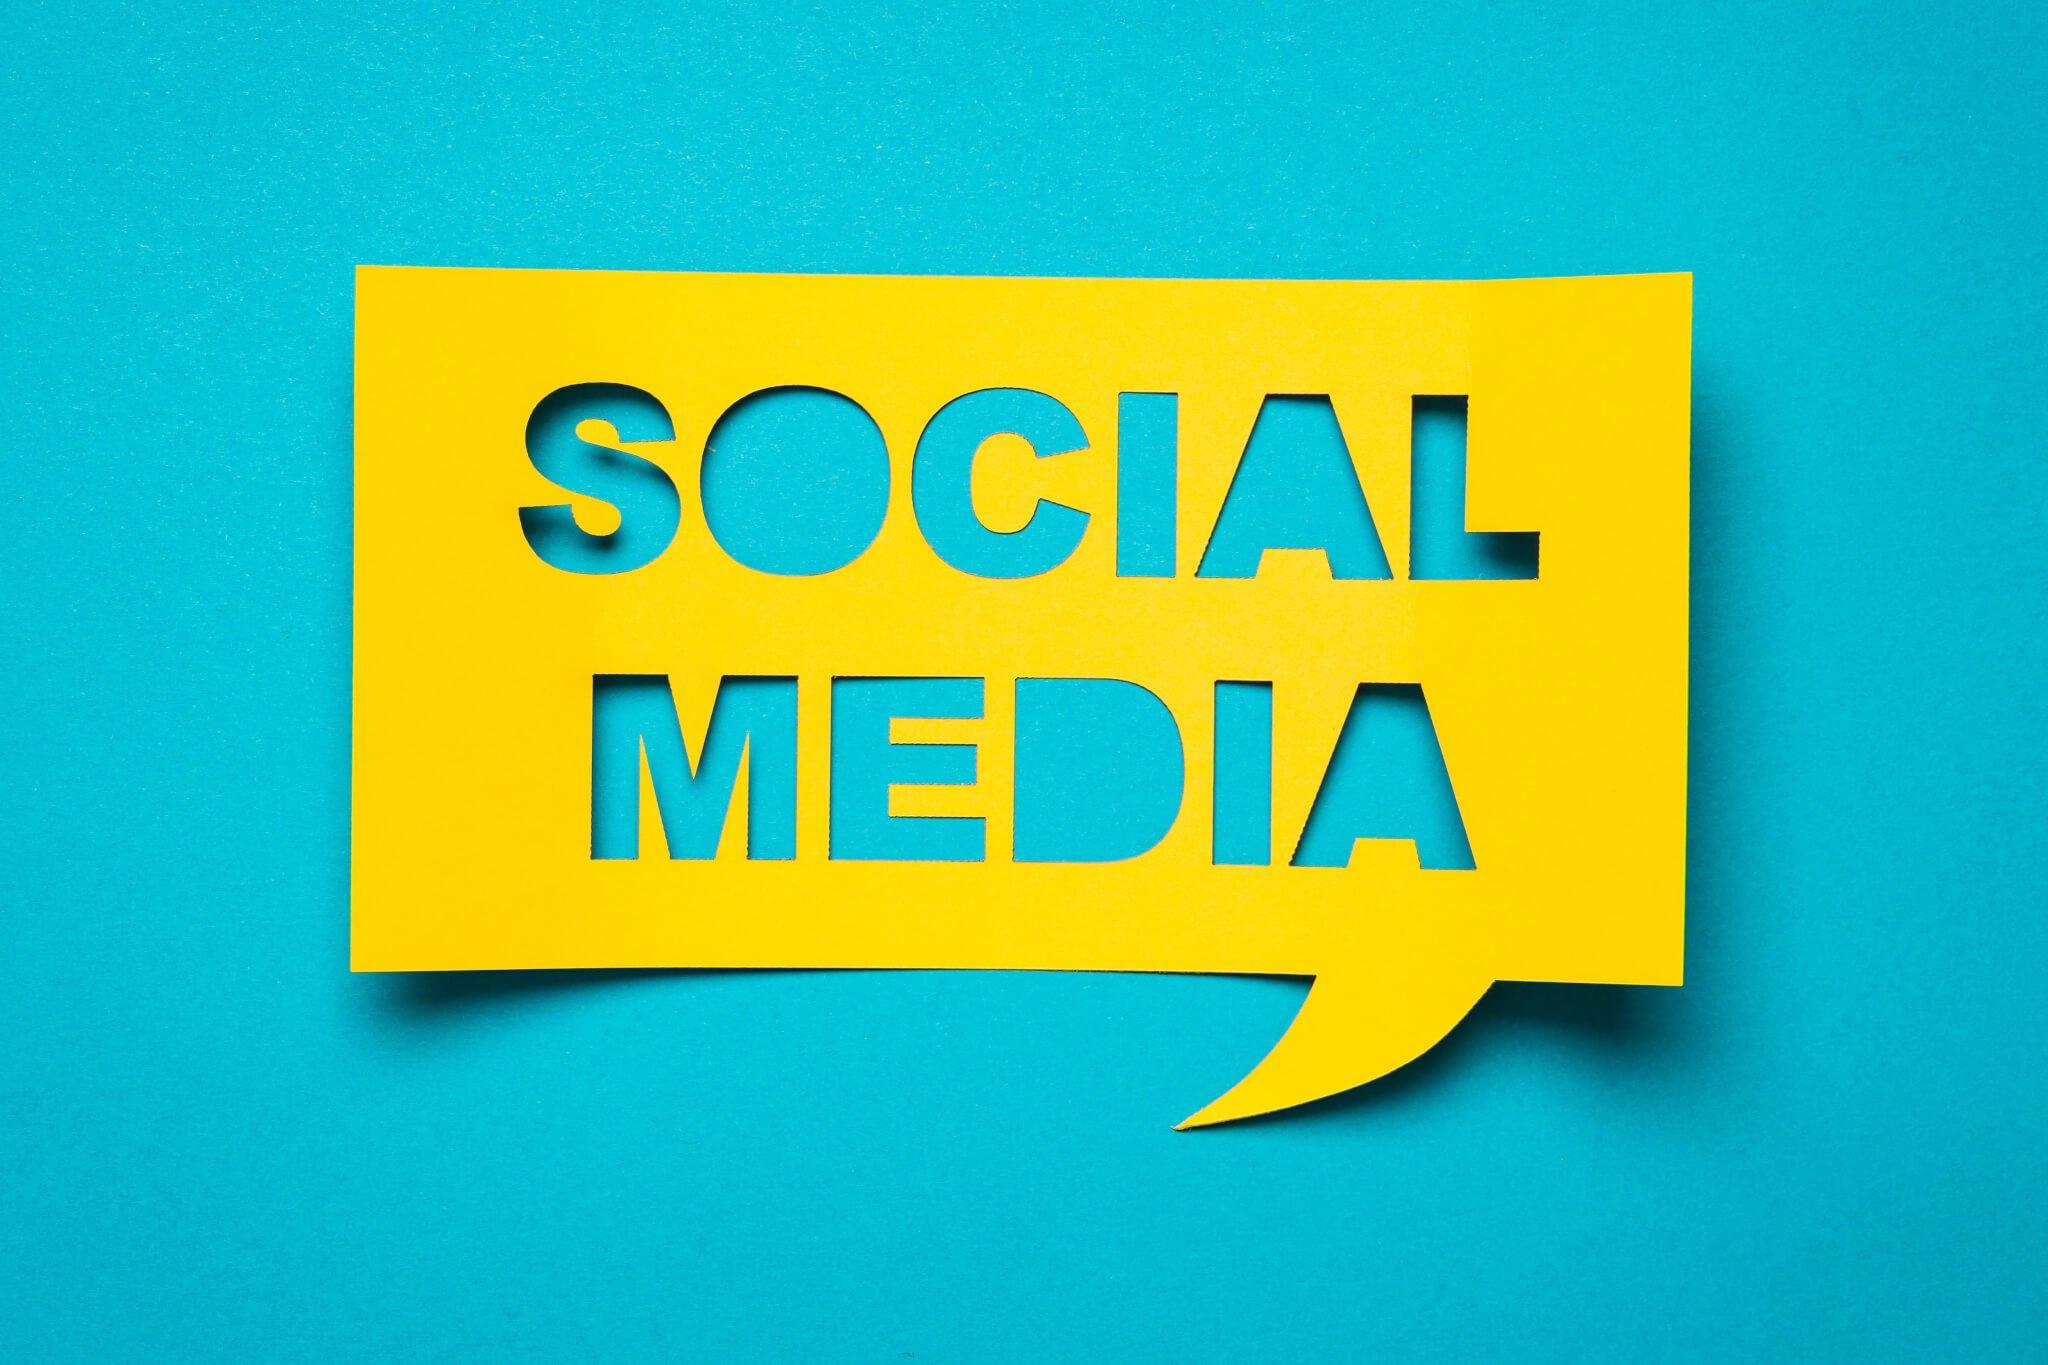 Les médias sociaux, des outils marketing puissants ?